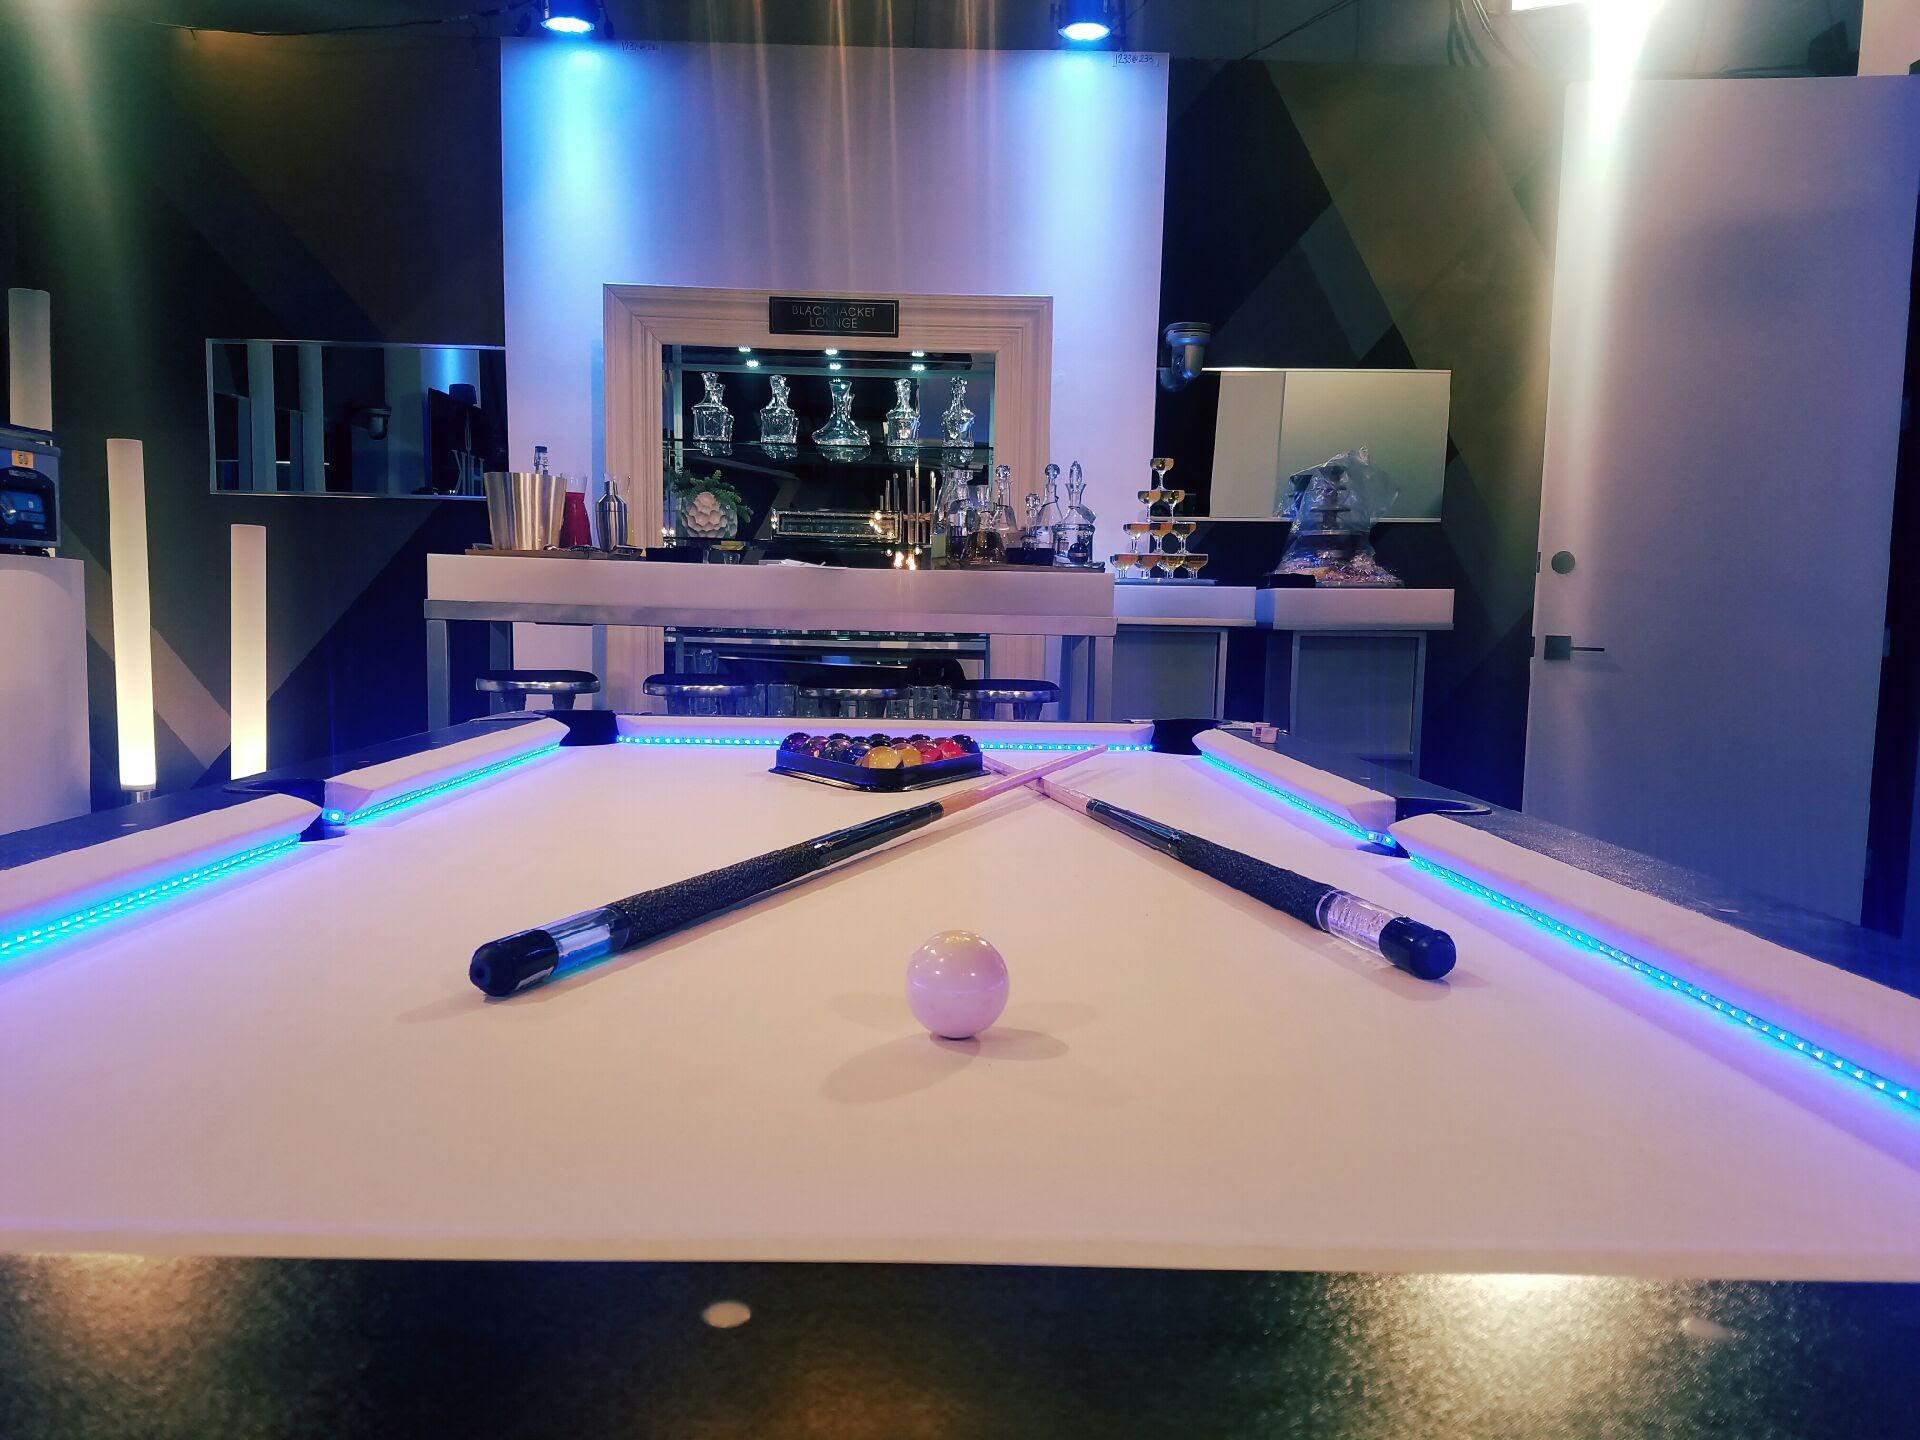 ... Led Pool Table Rental (1)